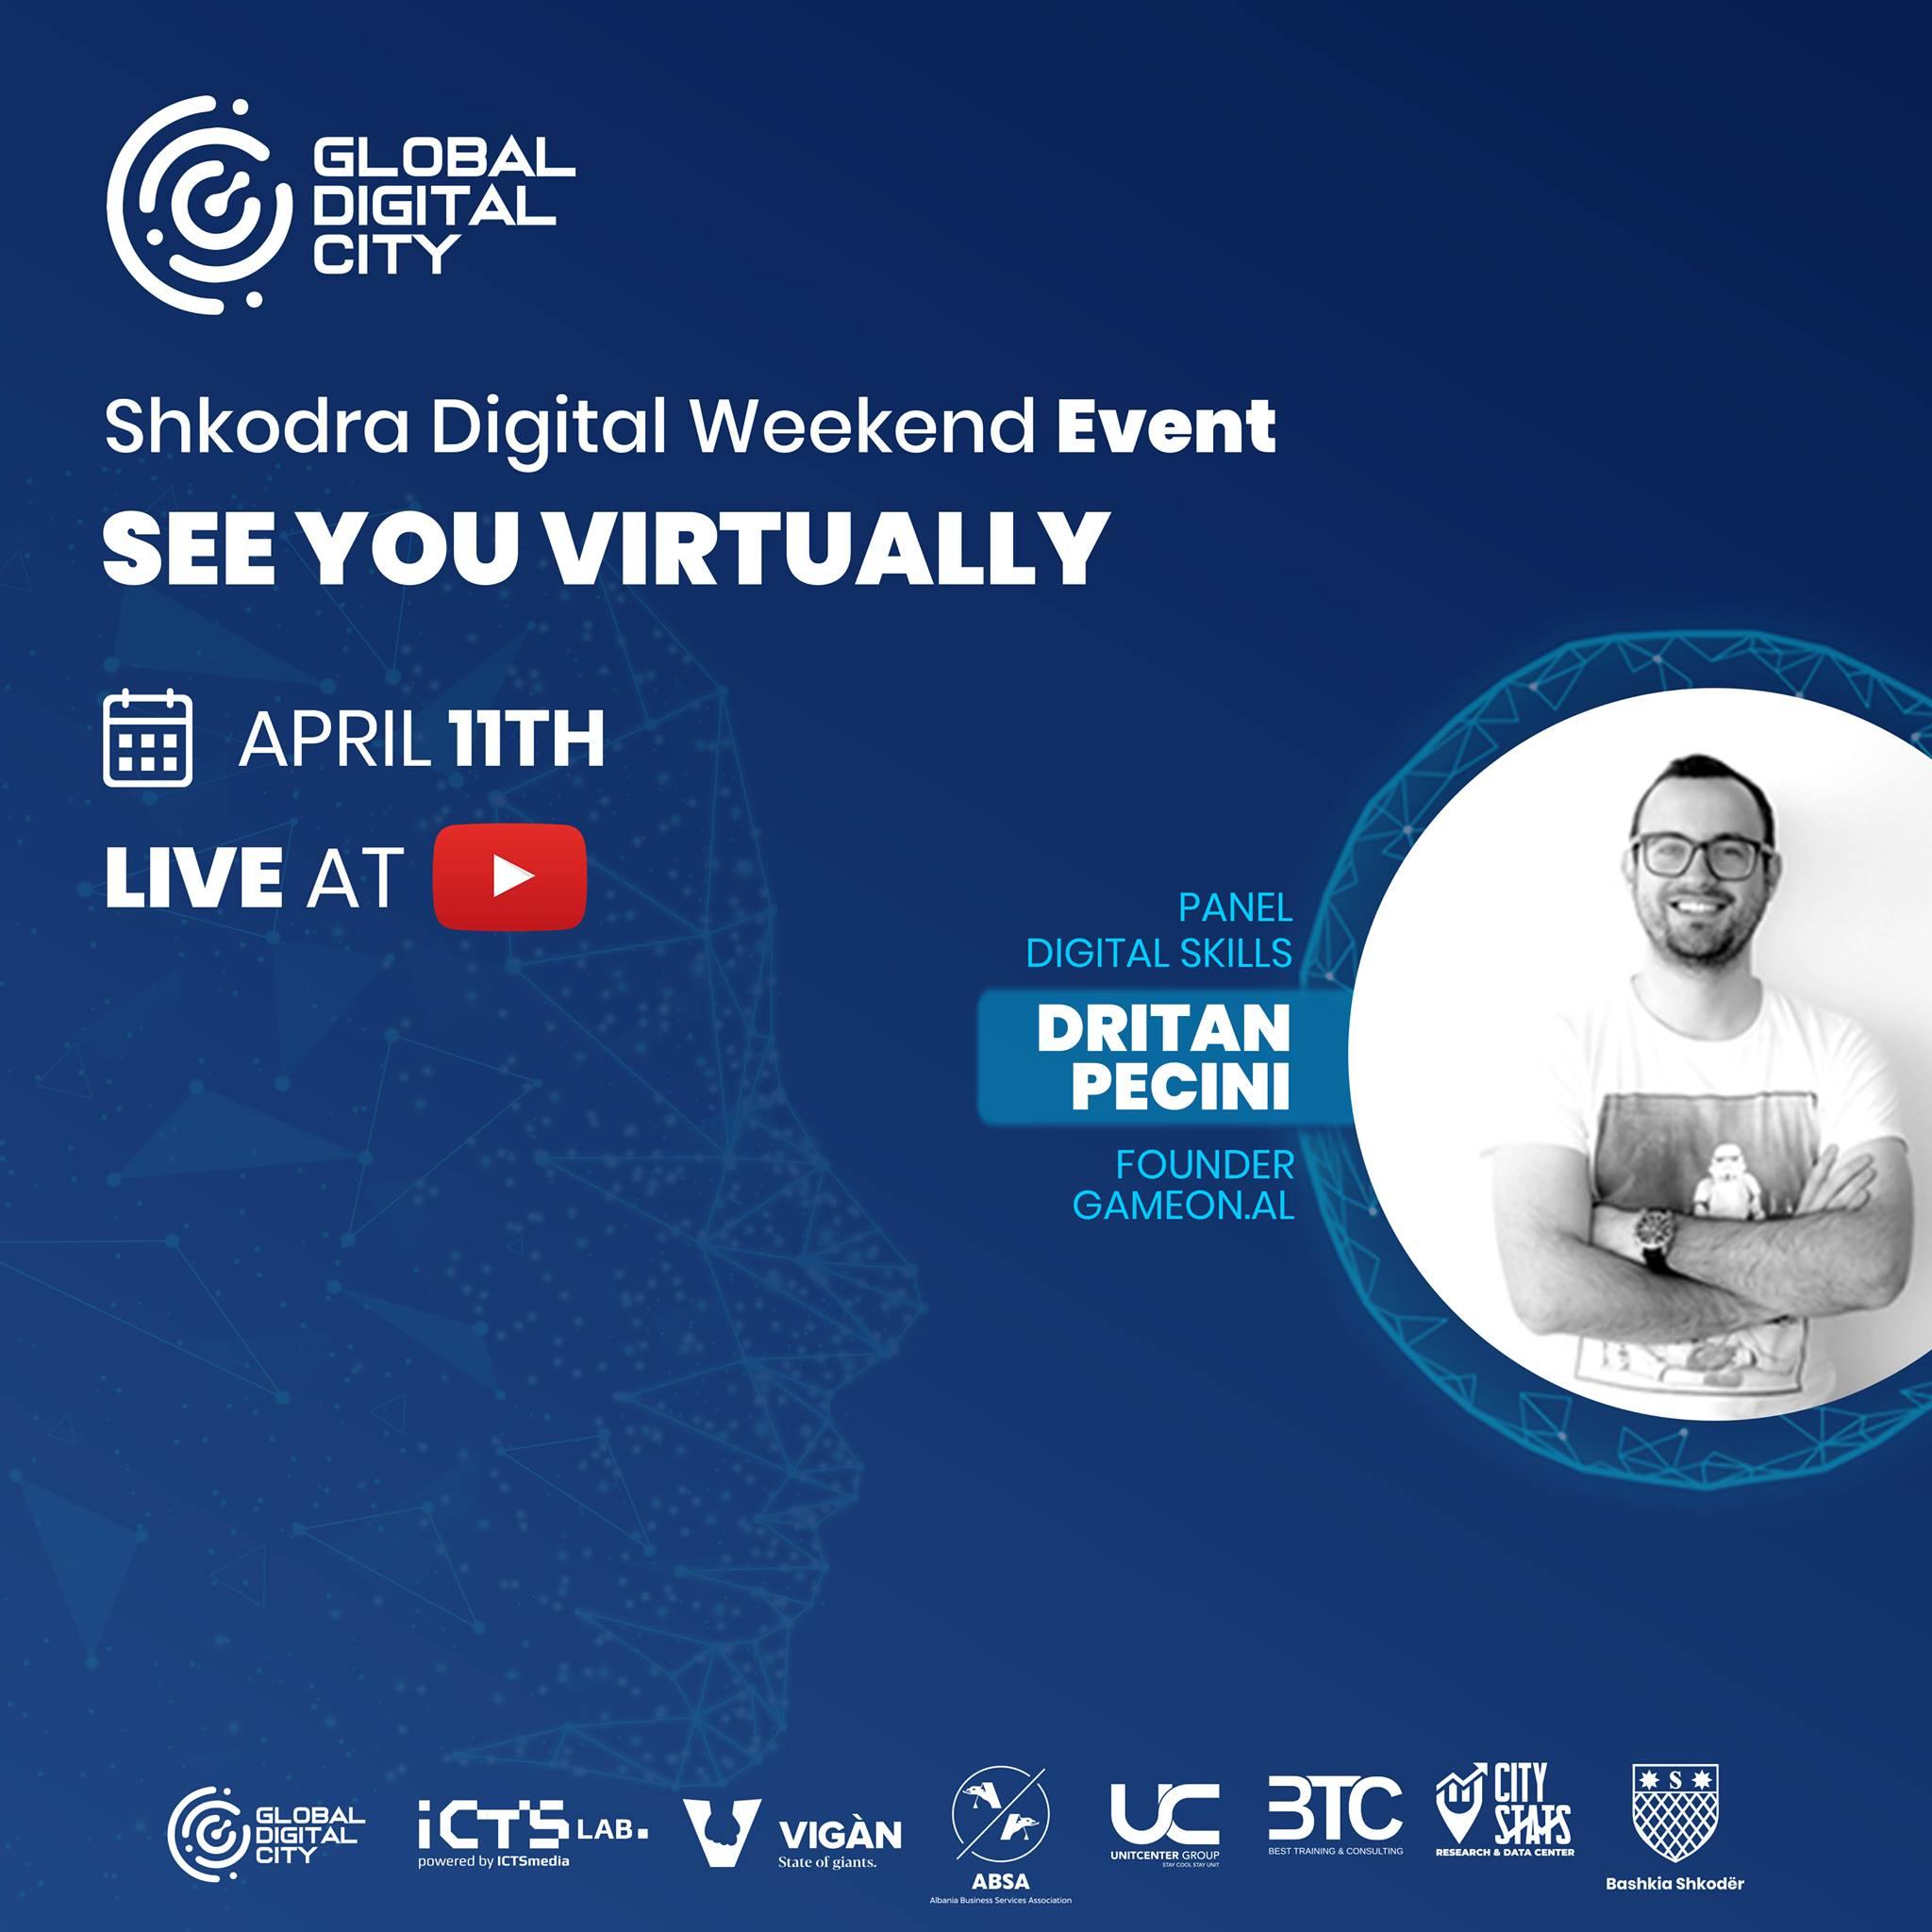 Dritan Pecini gameon shkodra digital weekend